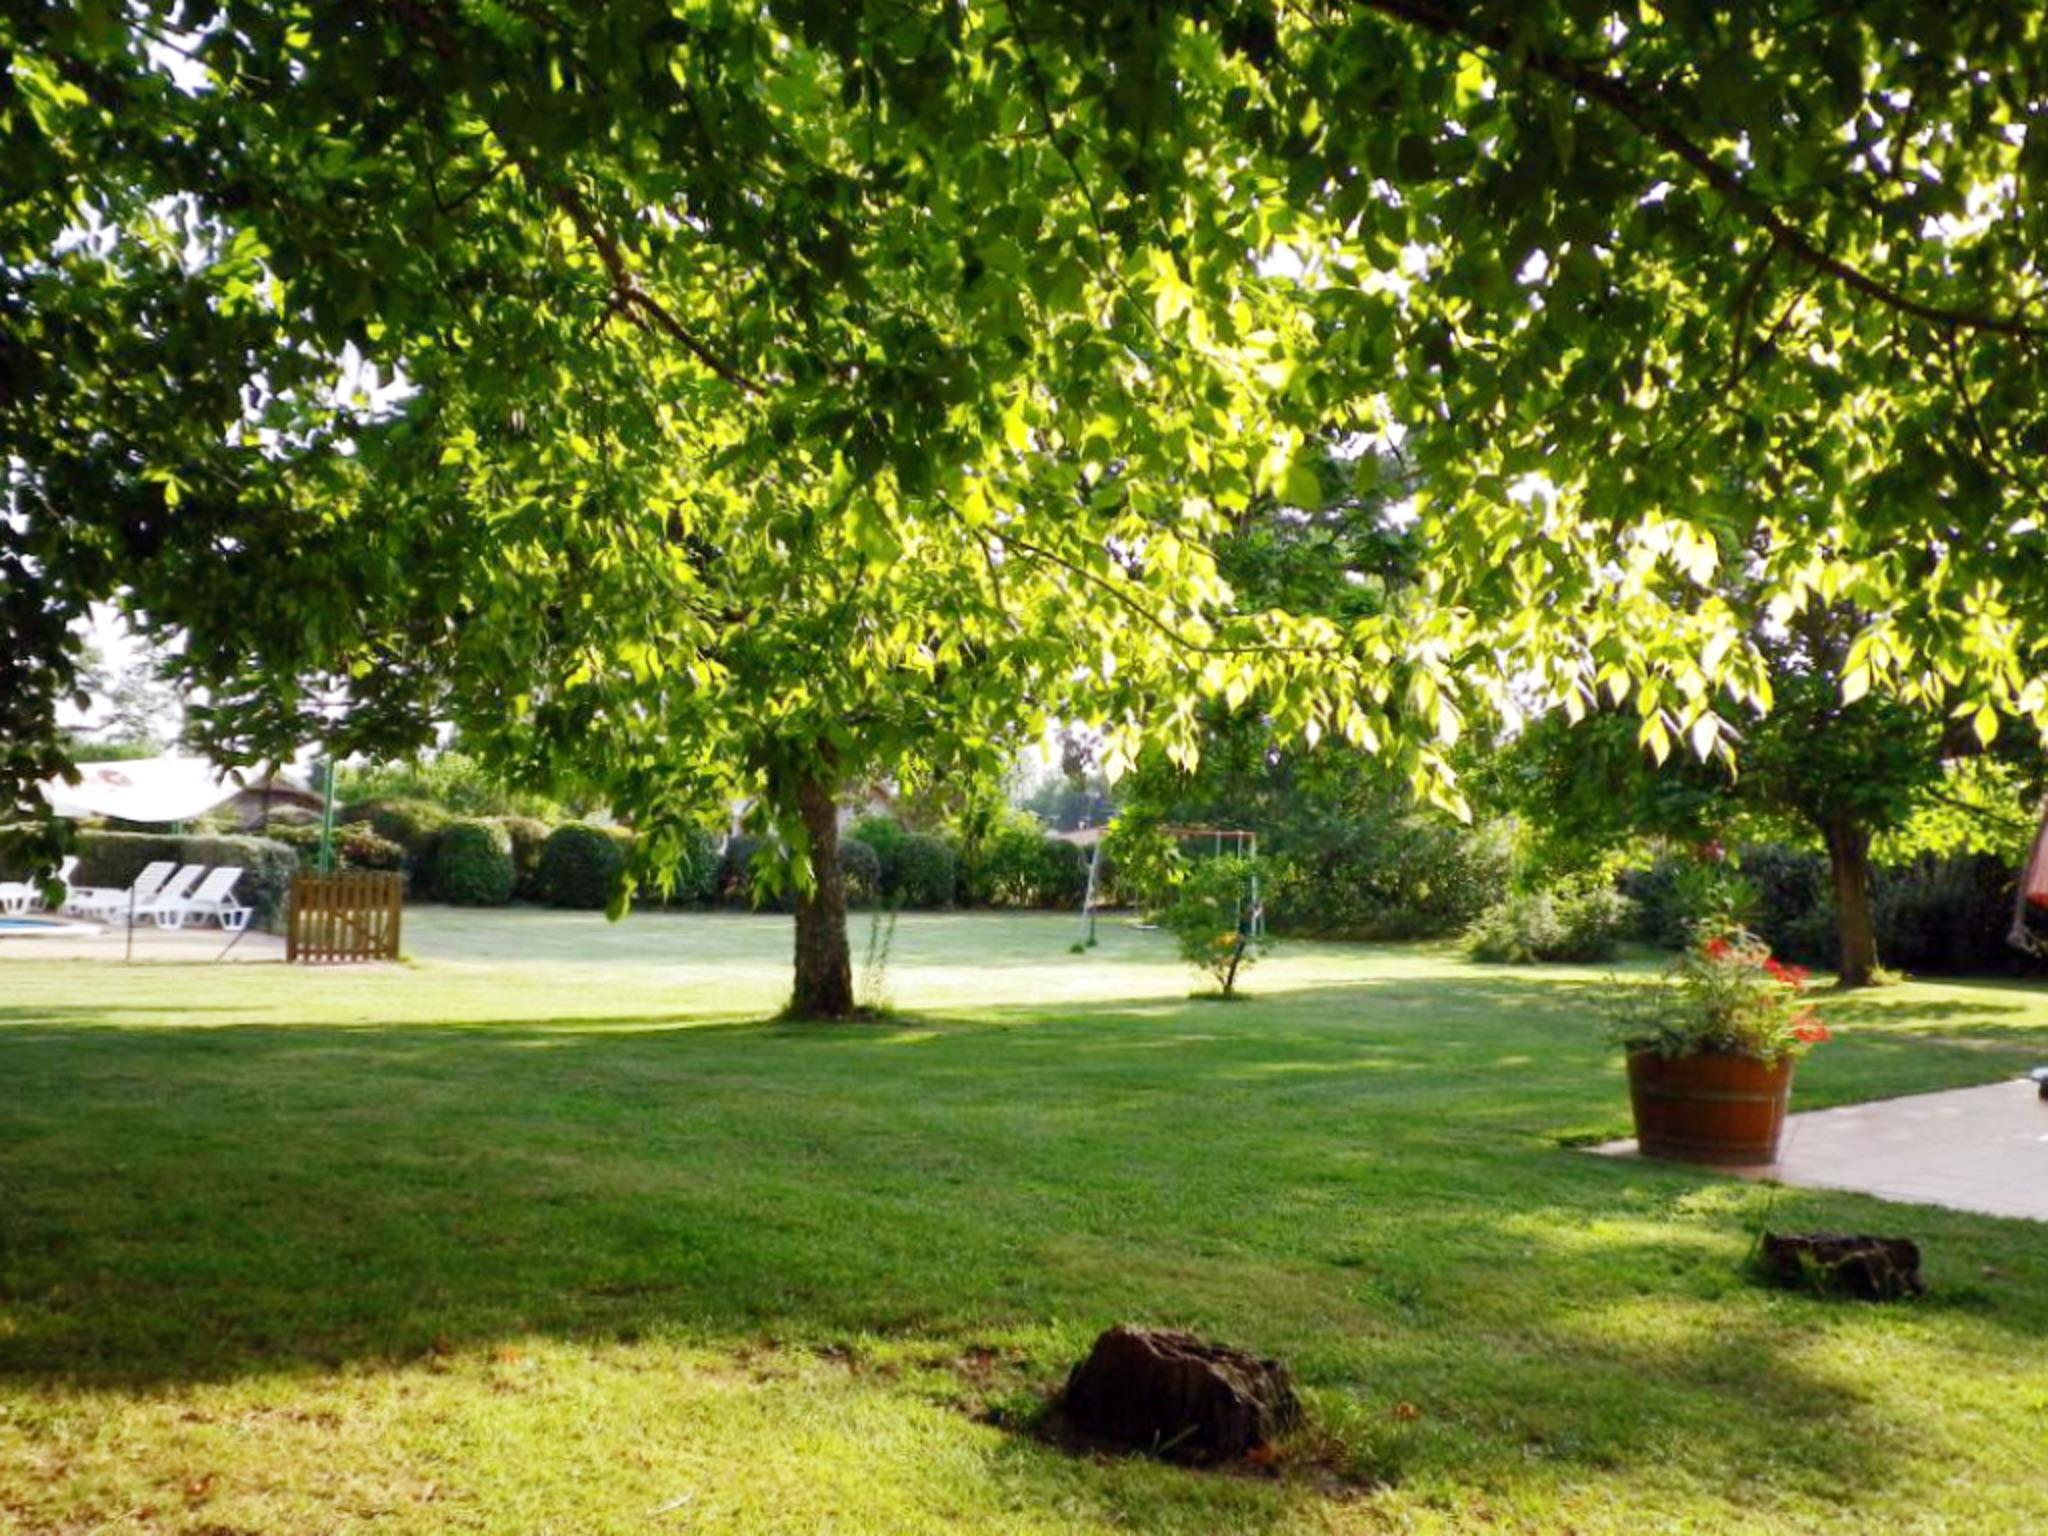 Ferienhaus Villa mit 4 Zimmern in Trensacq mit privatem Pool und möbliertem Garten - 45 km vom Strand (2202366), Trensacq, Landes, Aquitanien, Frankreich, Bild 30